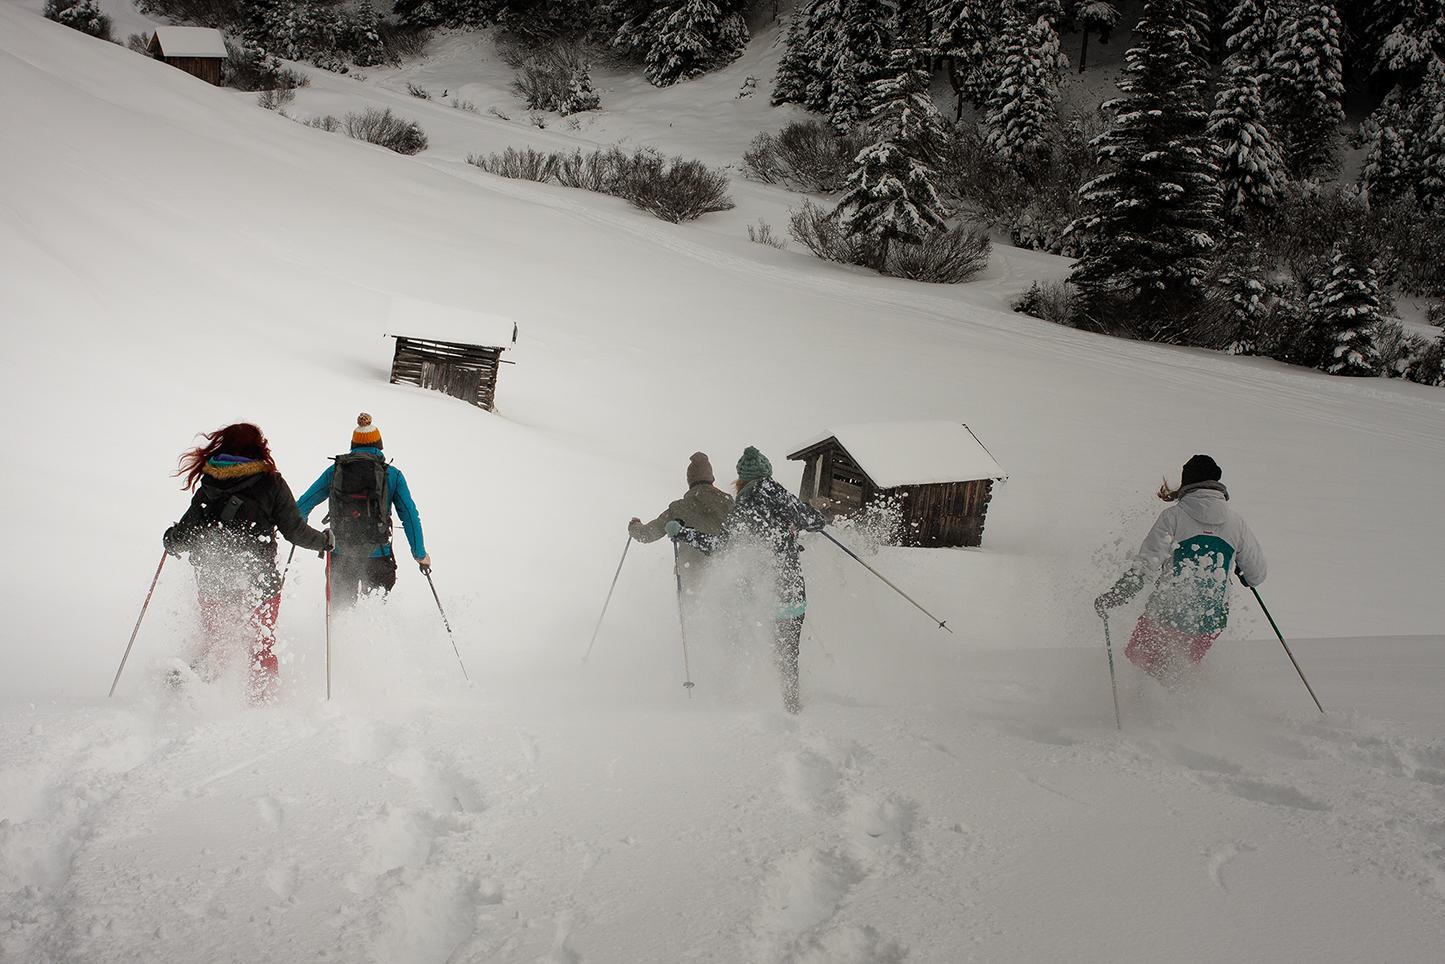 Schneeschuhabfahrt